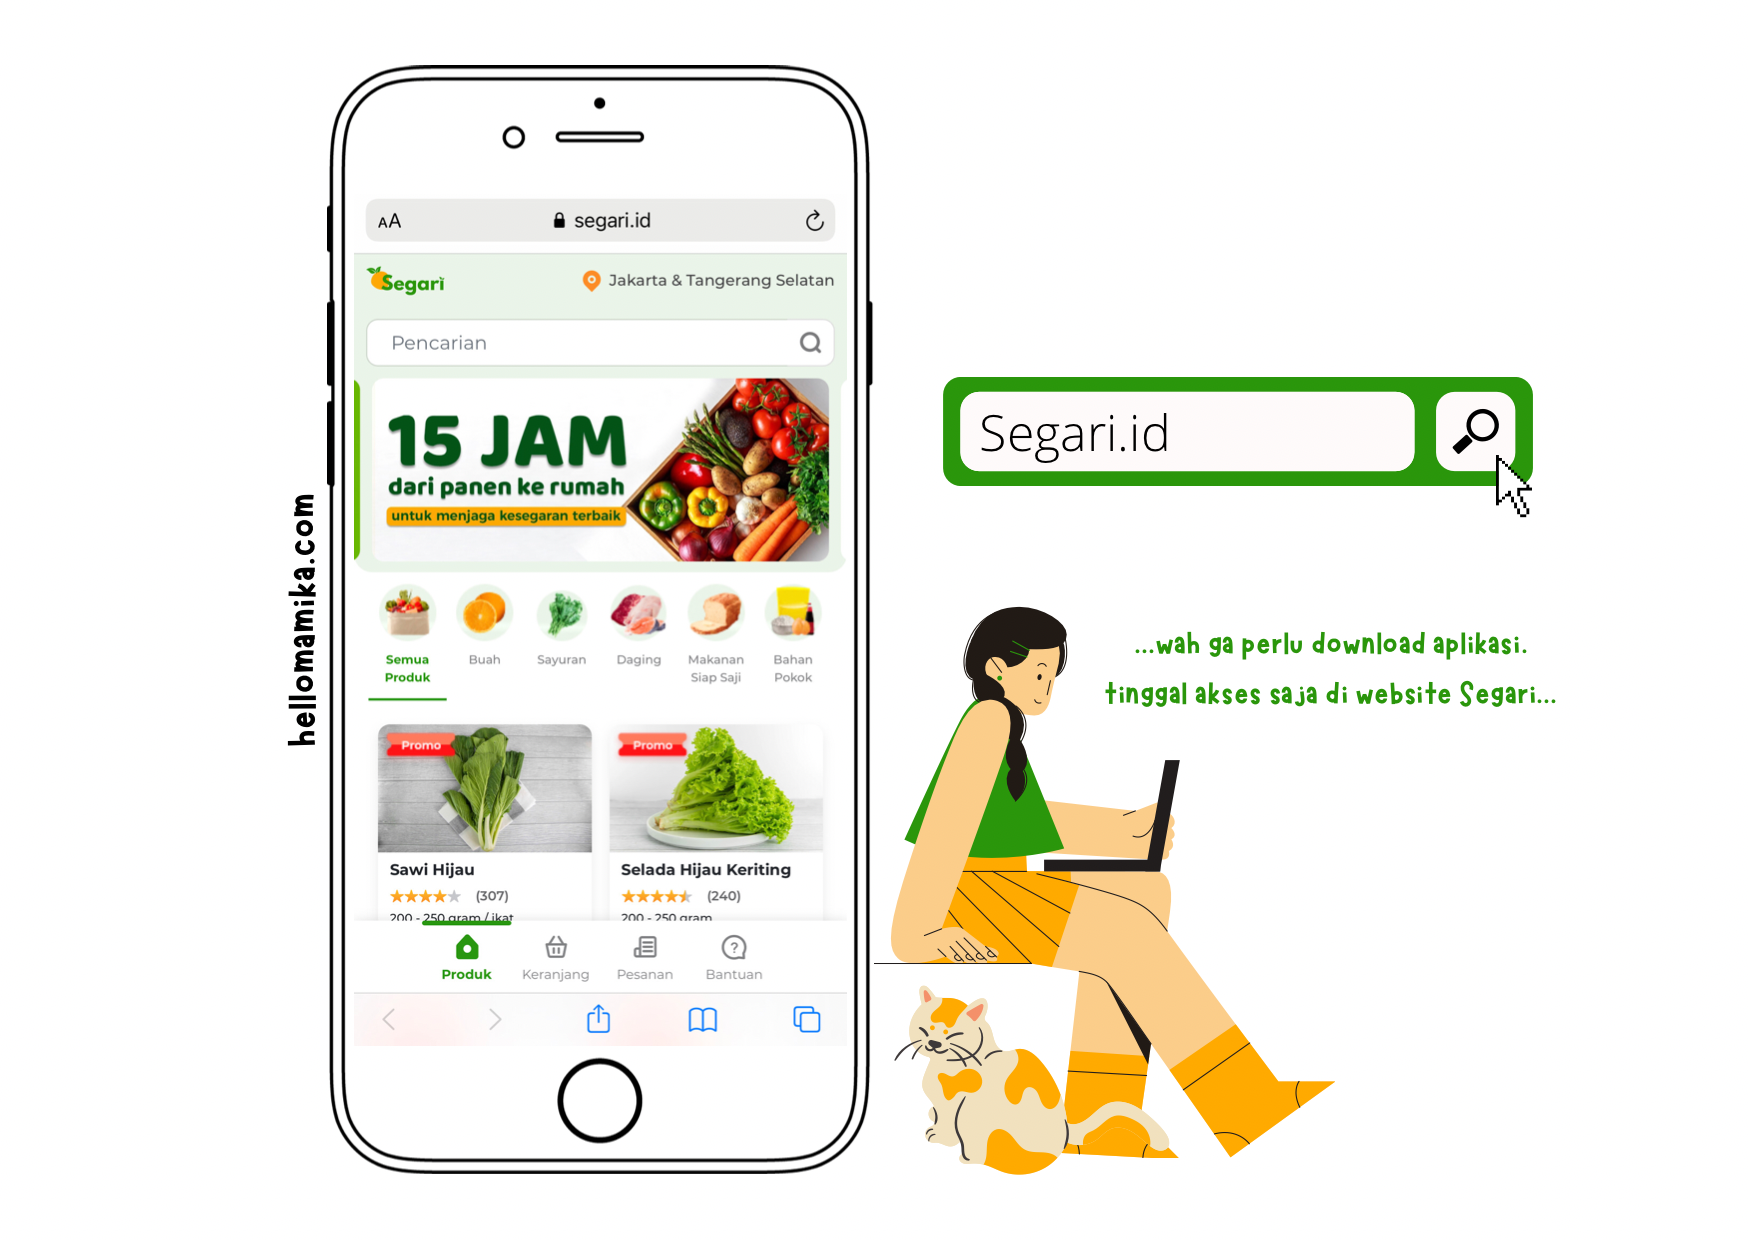 Review segari sayur online 15 jam dari panen ke rumah